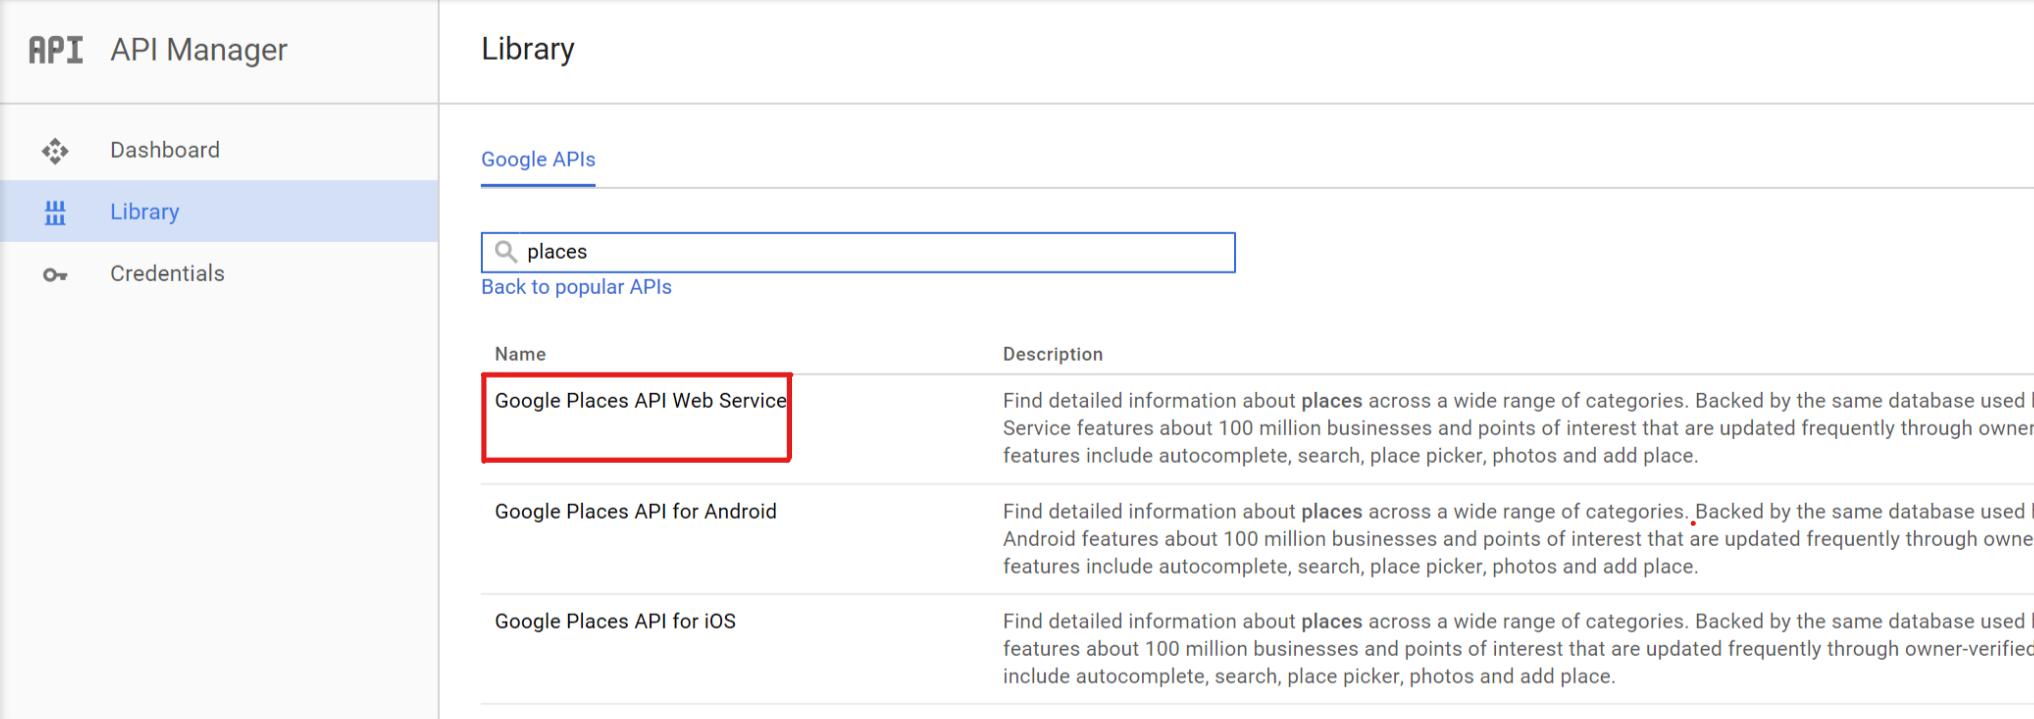 Google Places API Key | AitThemes